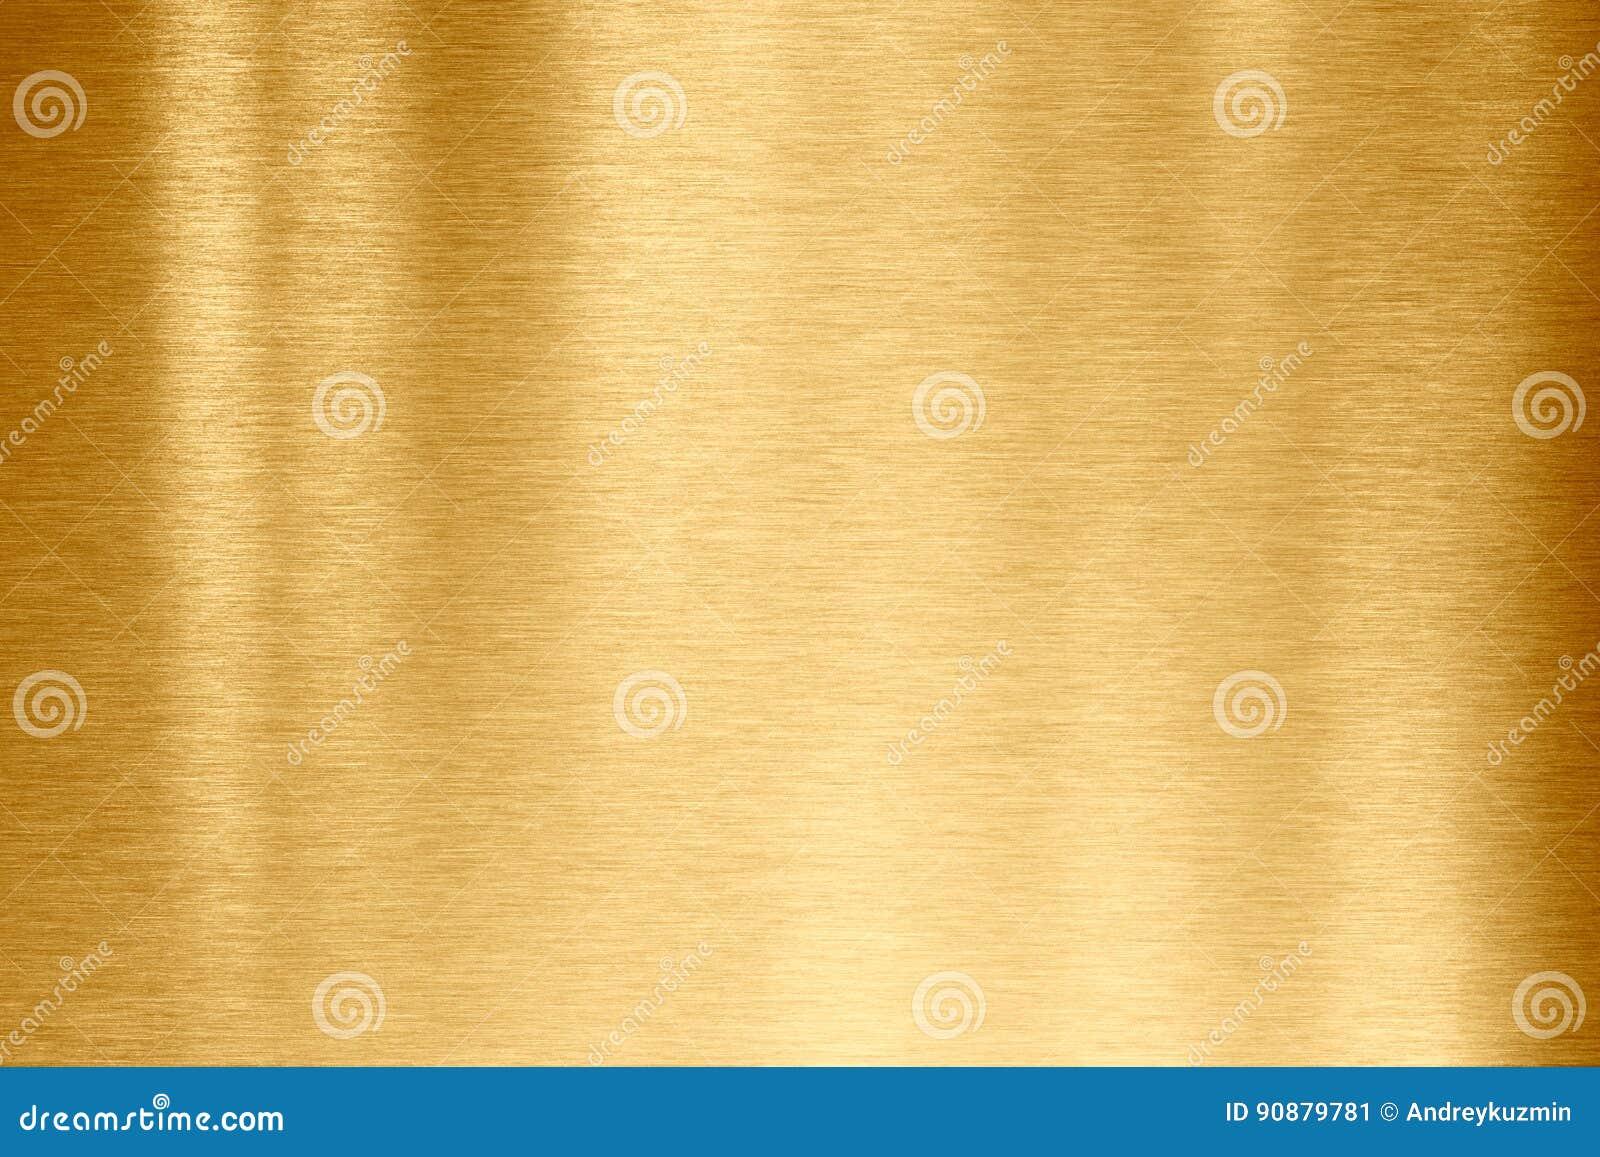 金金属纹理